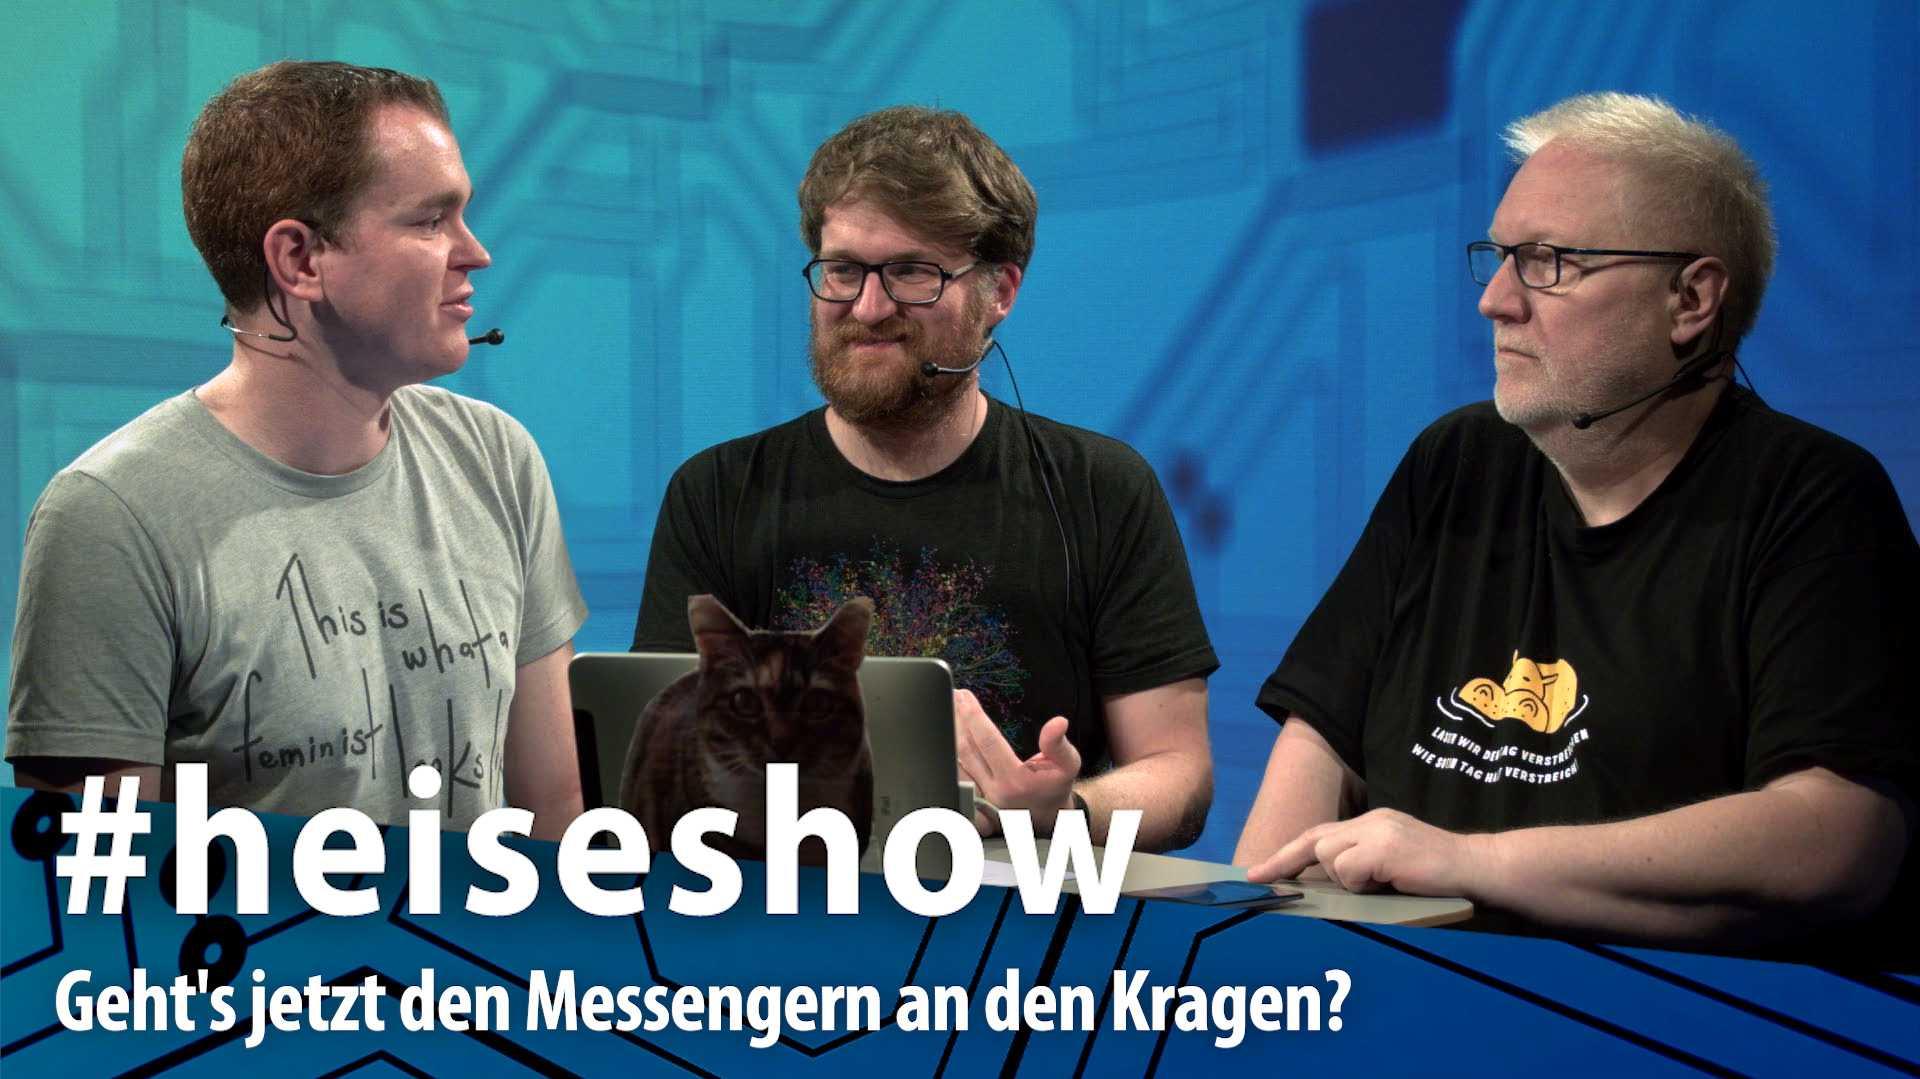 #heiseshow, live ab 12 Uhr: Blockaden und Krypto-Streit – Geht's jetzt den Messengern an den Kragen?